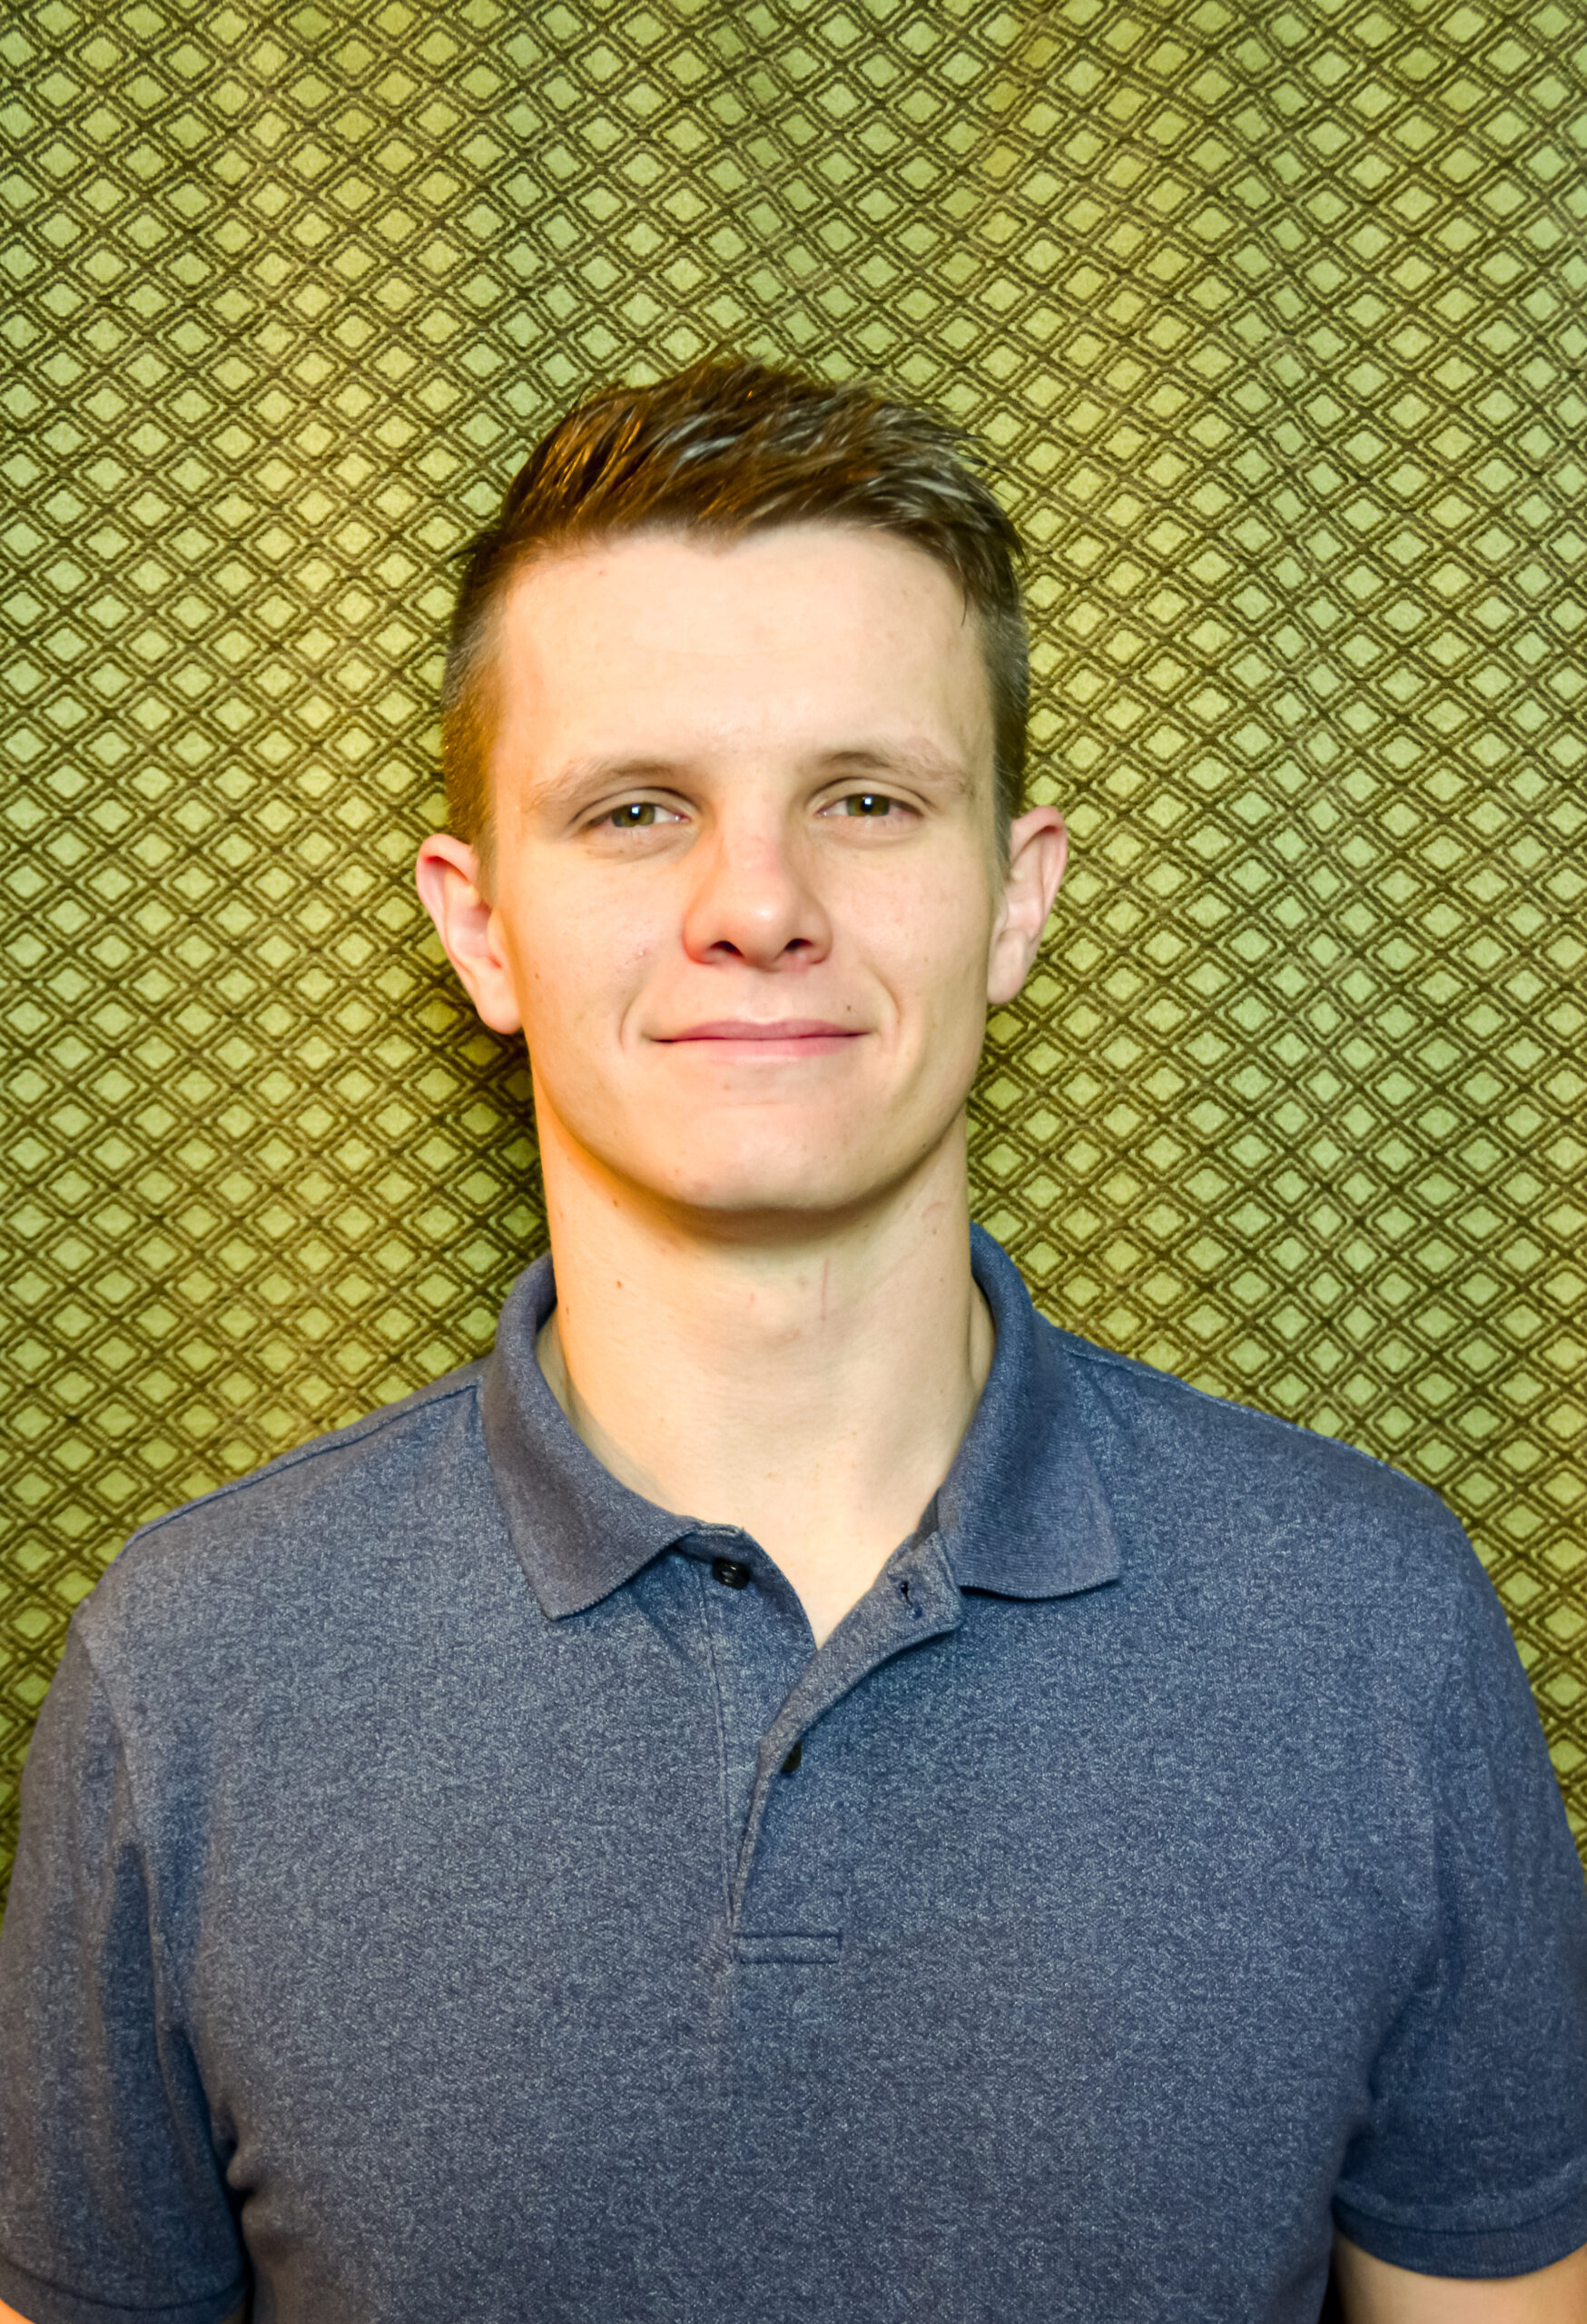 Nathan Fales